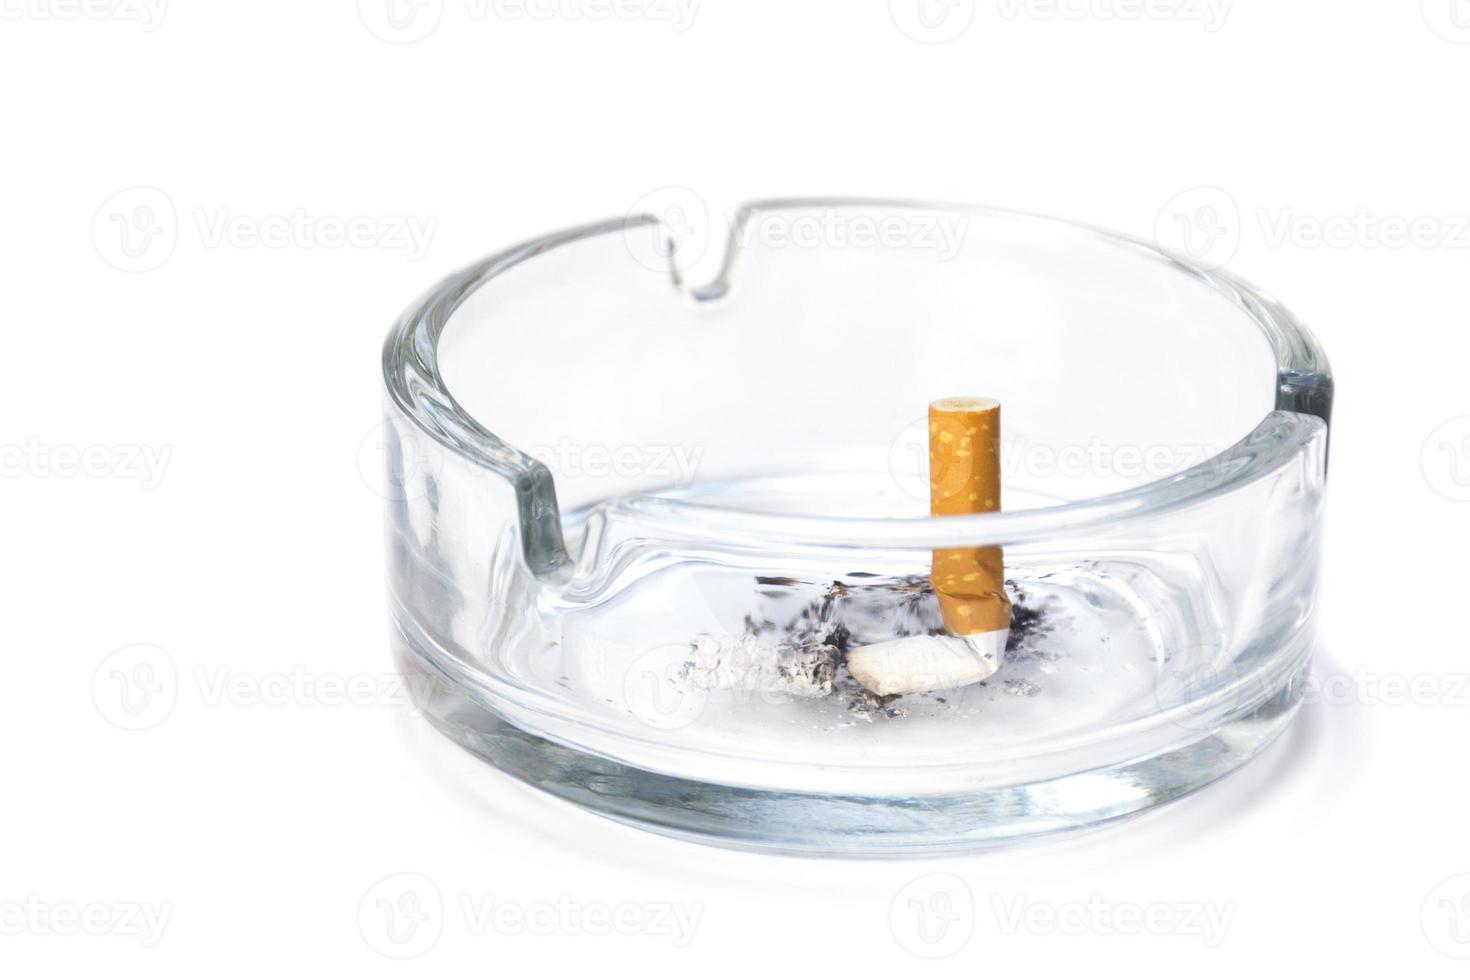 mozzicone di sigaretta in un portacenere, isolato su bianco foto